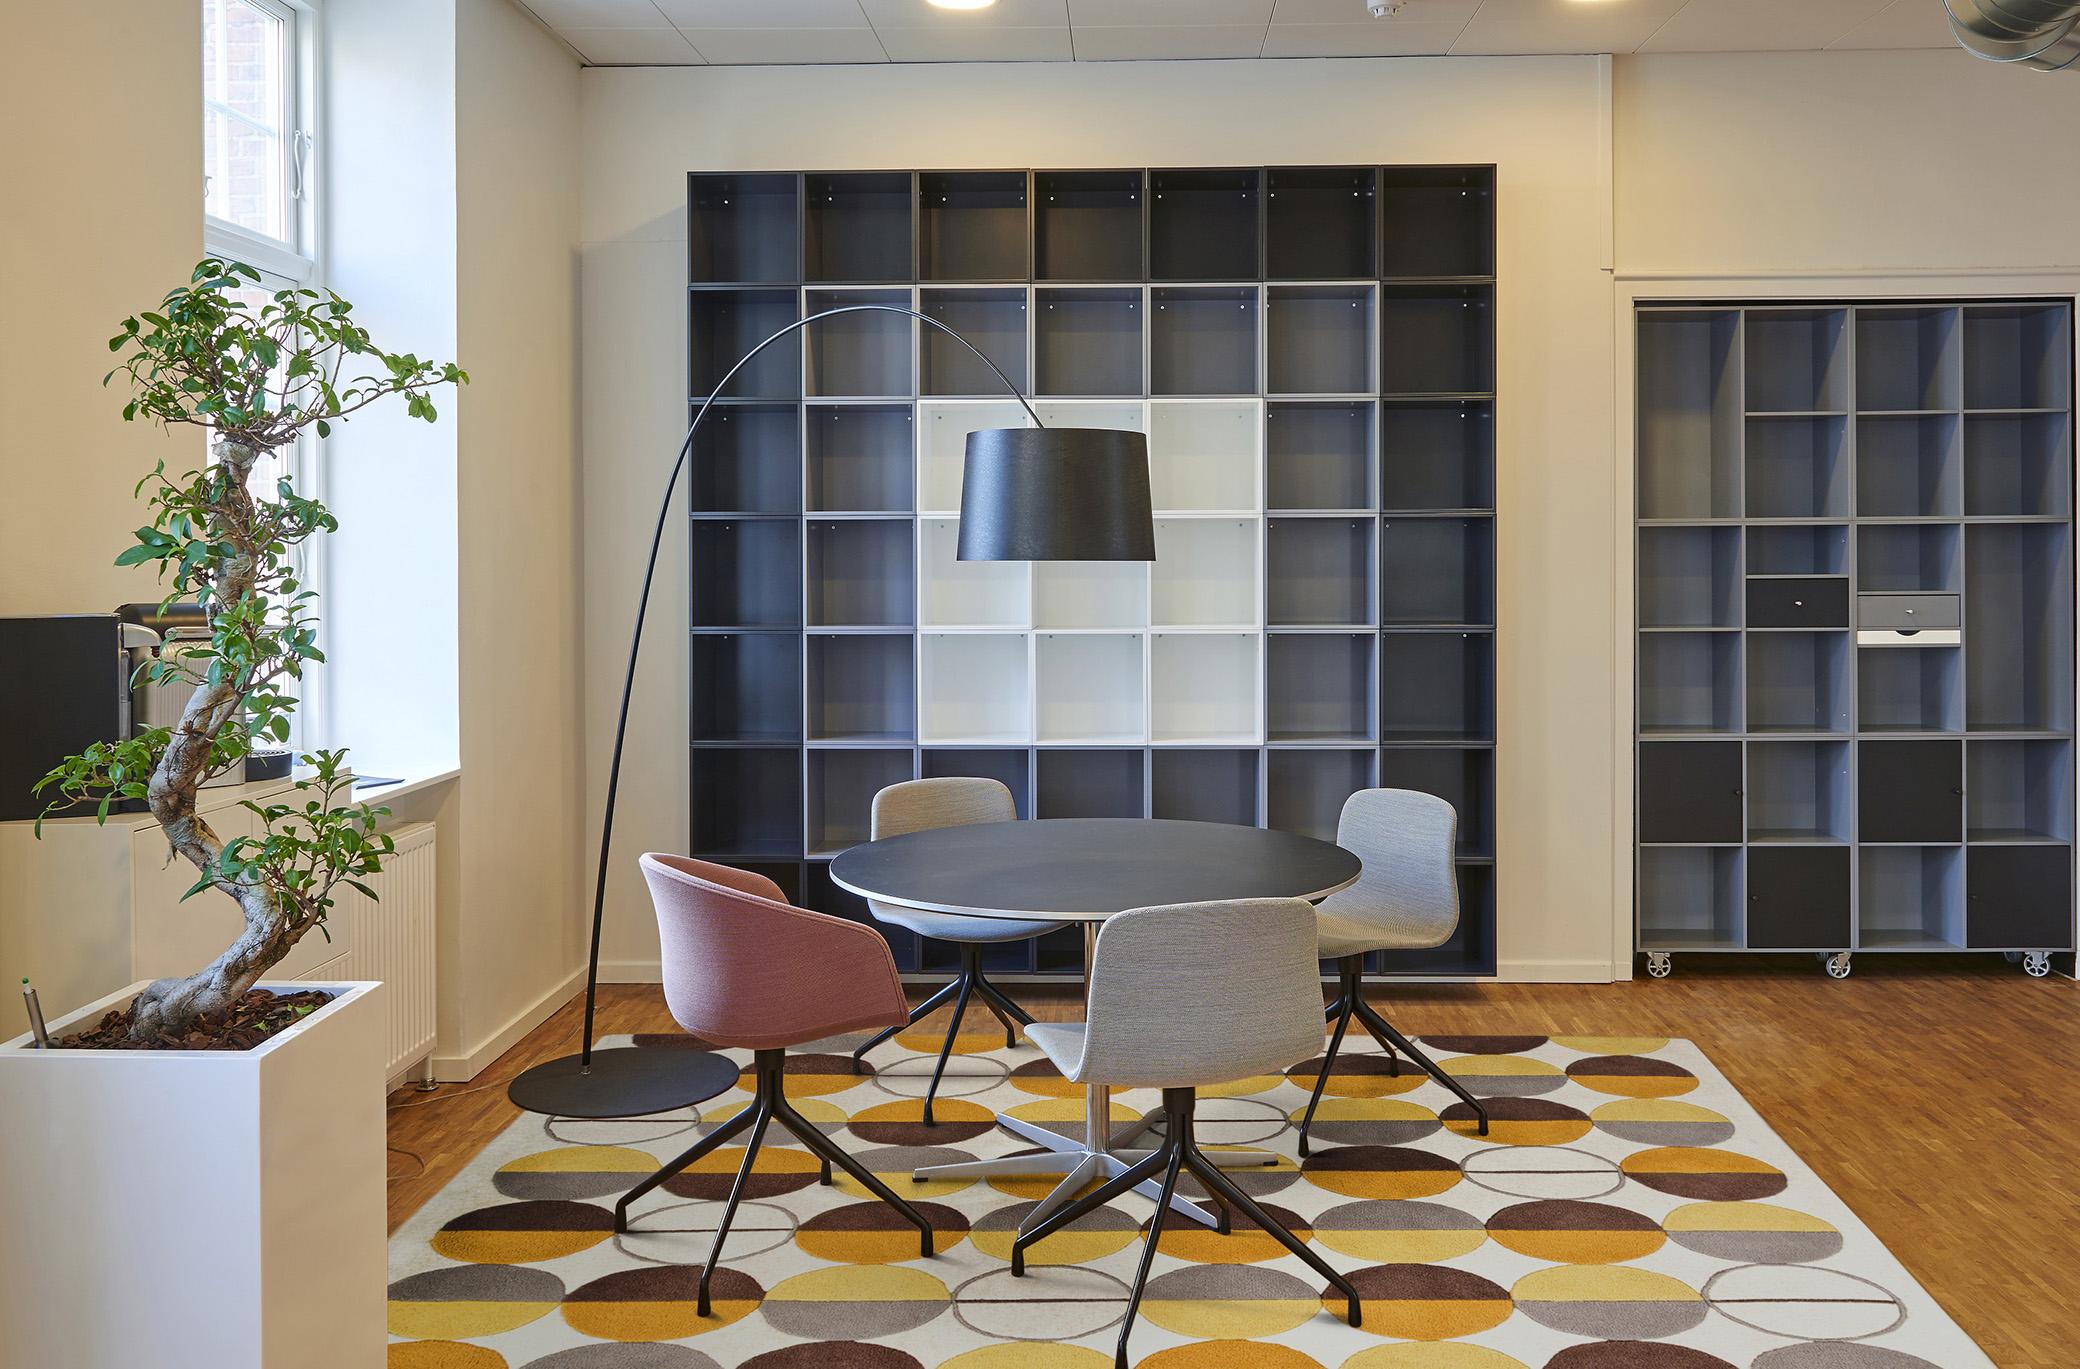 Alfombras para oficinas: cómo elegir la mejor para trabajar